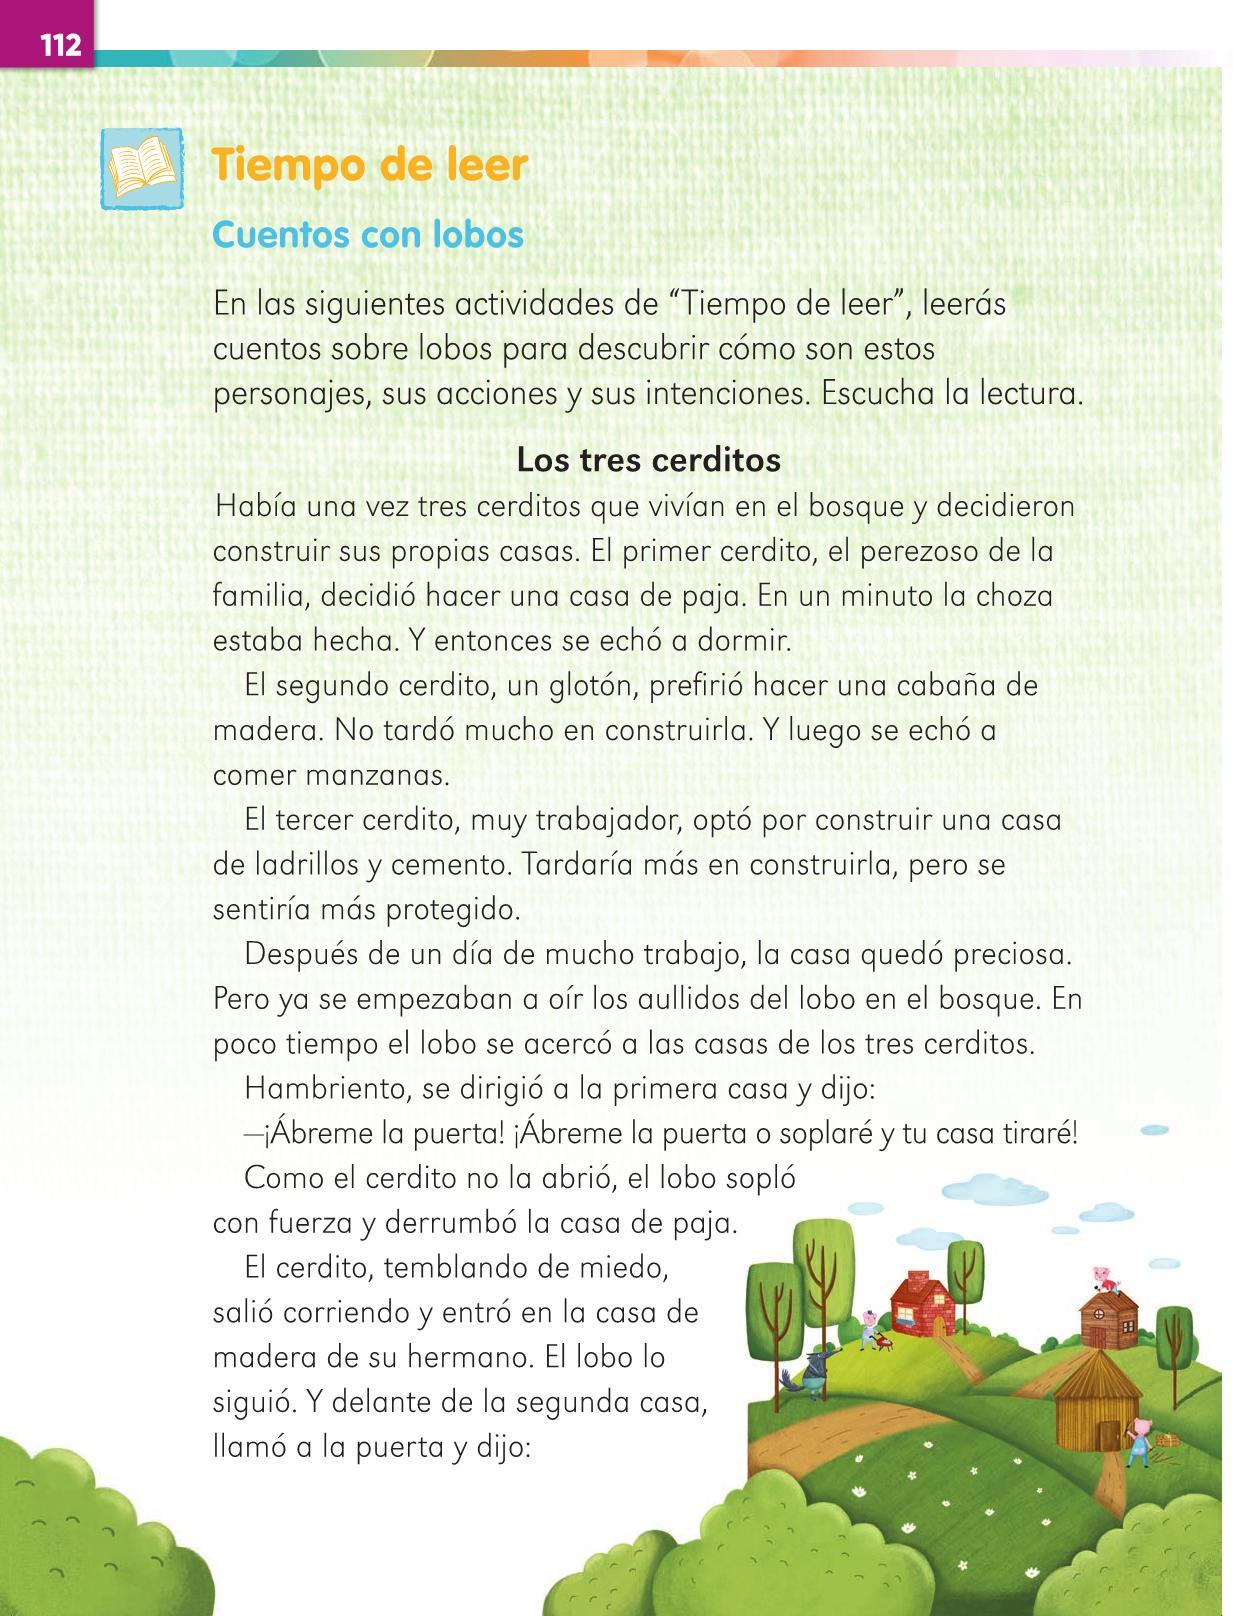 Lengua Materna Español Primer grado página 112